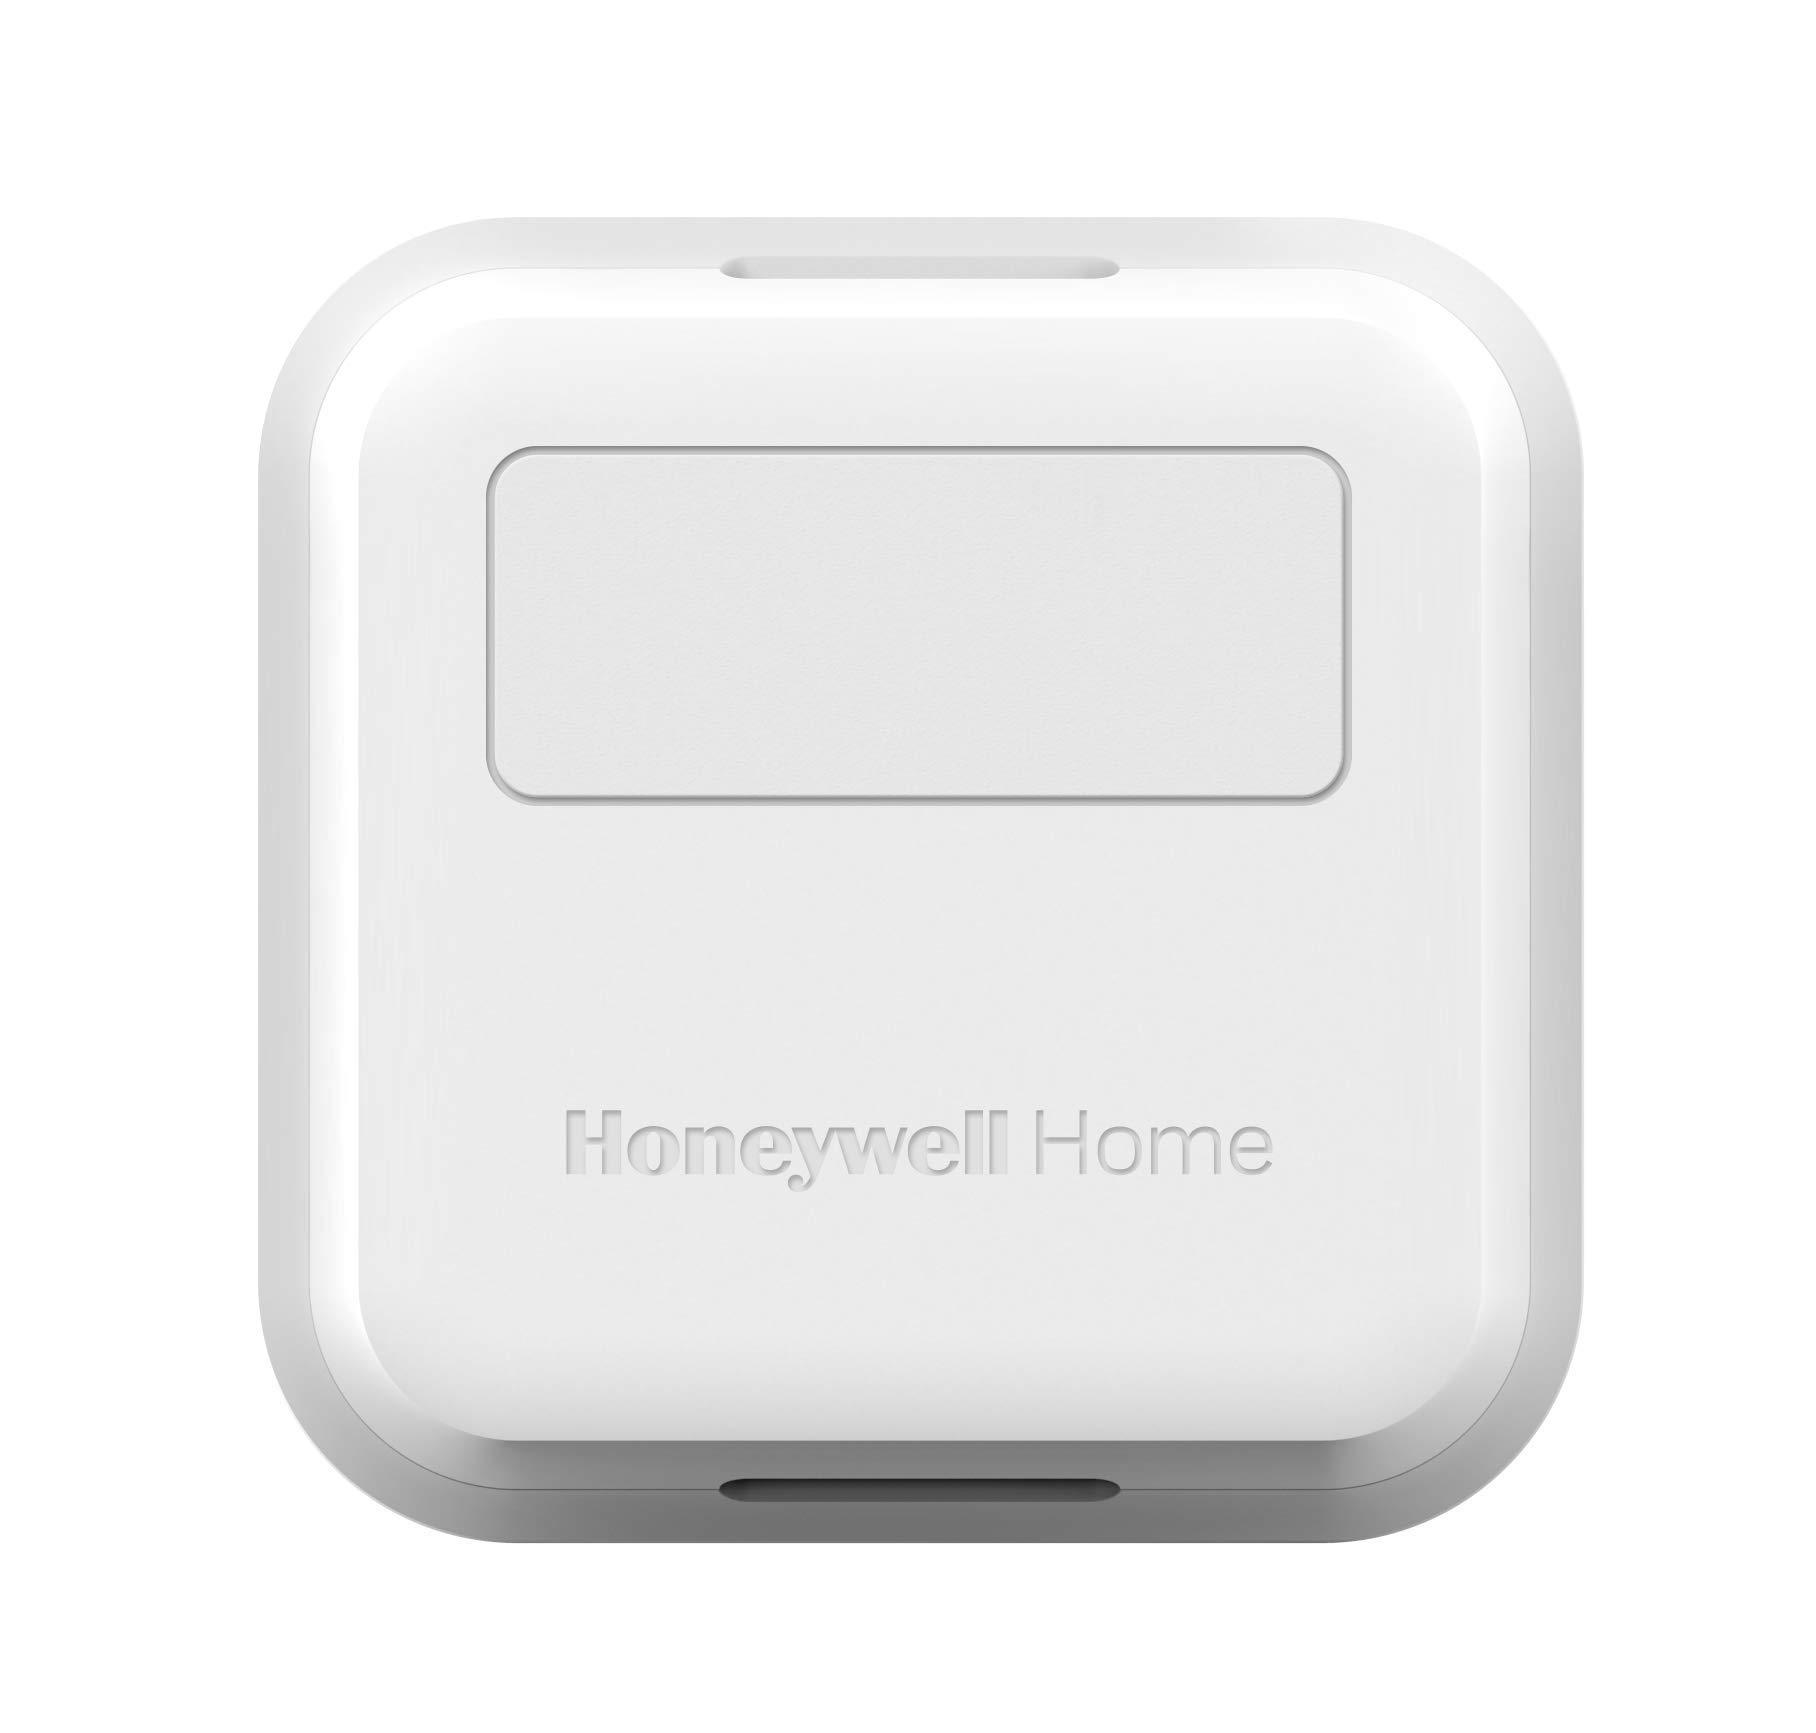 Honeywell RCHTSENSOR-1PK RCHTSENSOR Smart Room Sensor, White by Honeywell